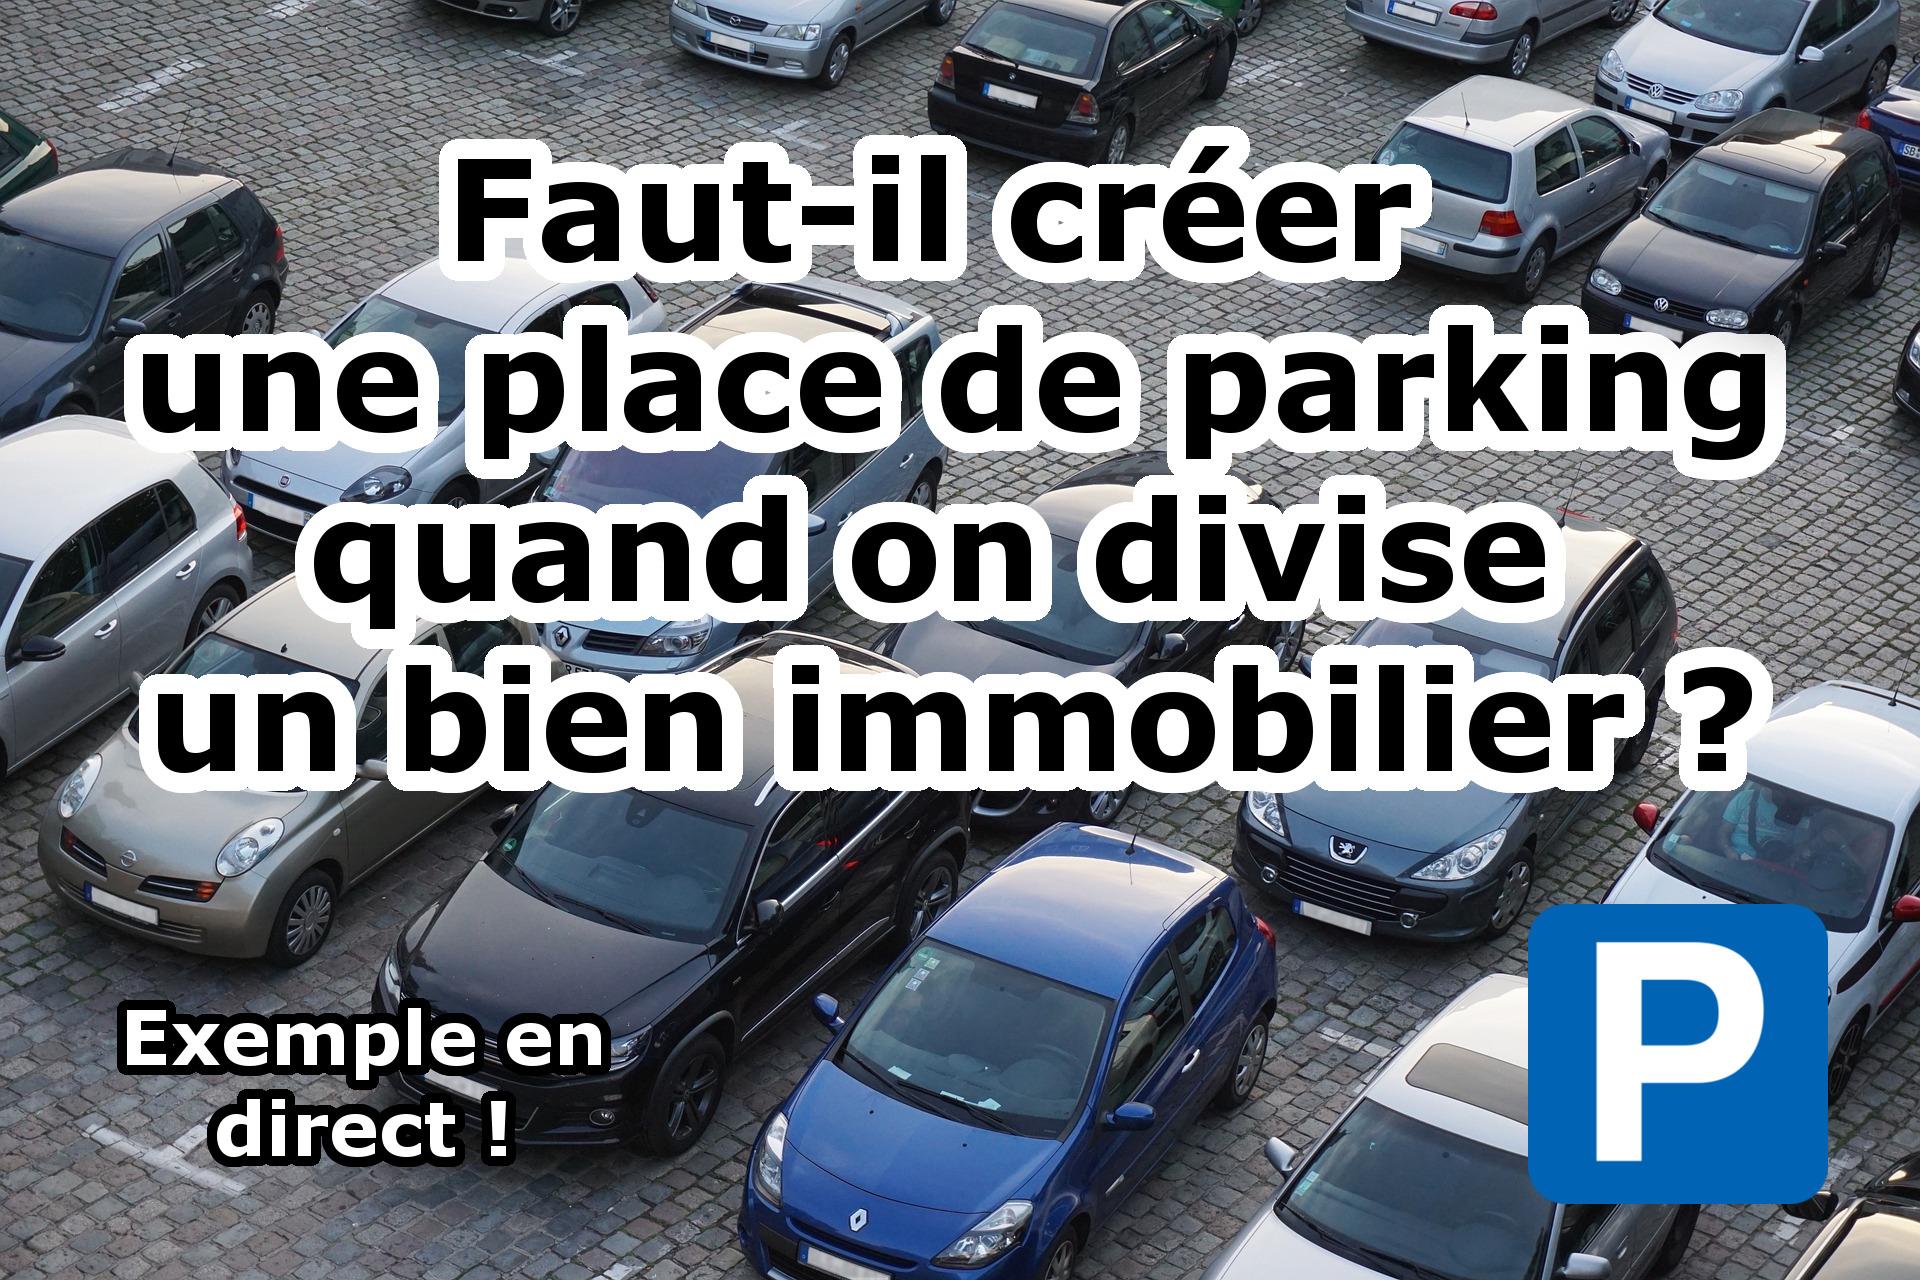 Faut-il créer une place de parking quand on divise un bien immobilier ?